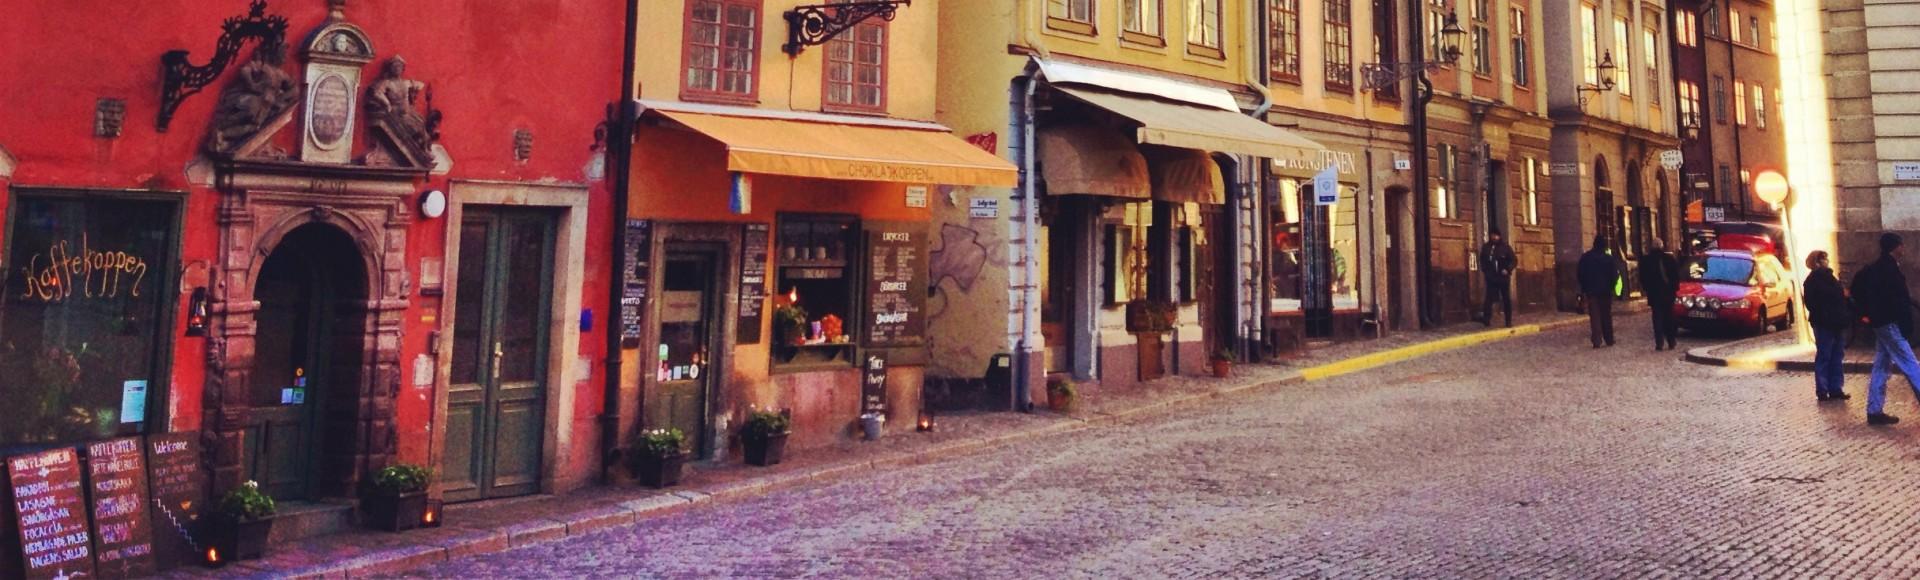 Die 24 besten kostenlosen Sehenswürdigkeiten in Stockholm